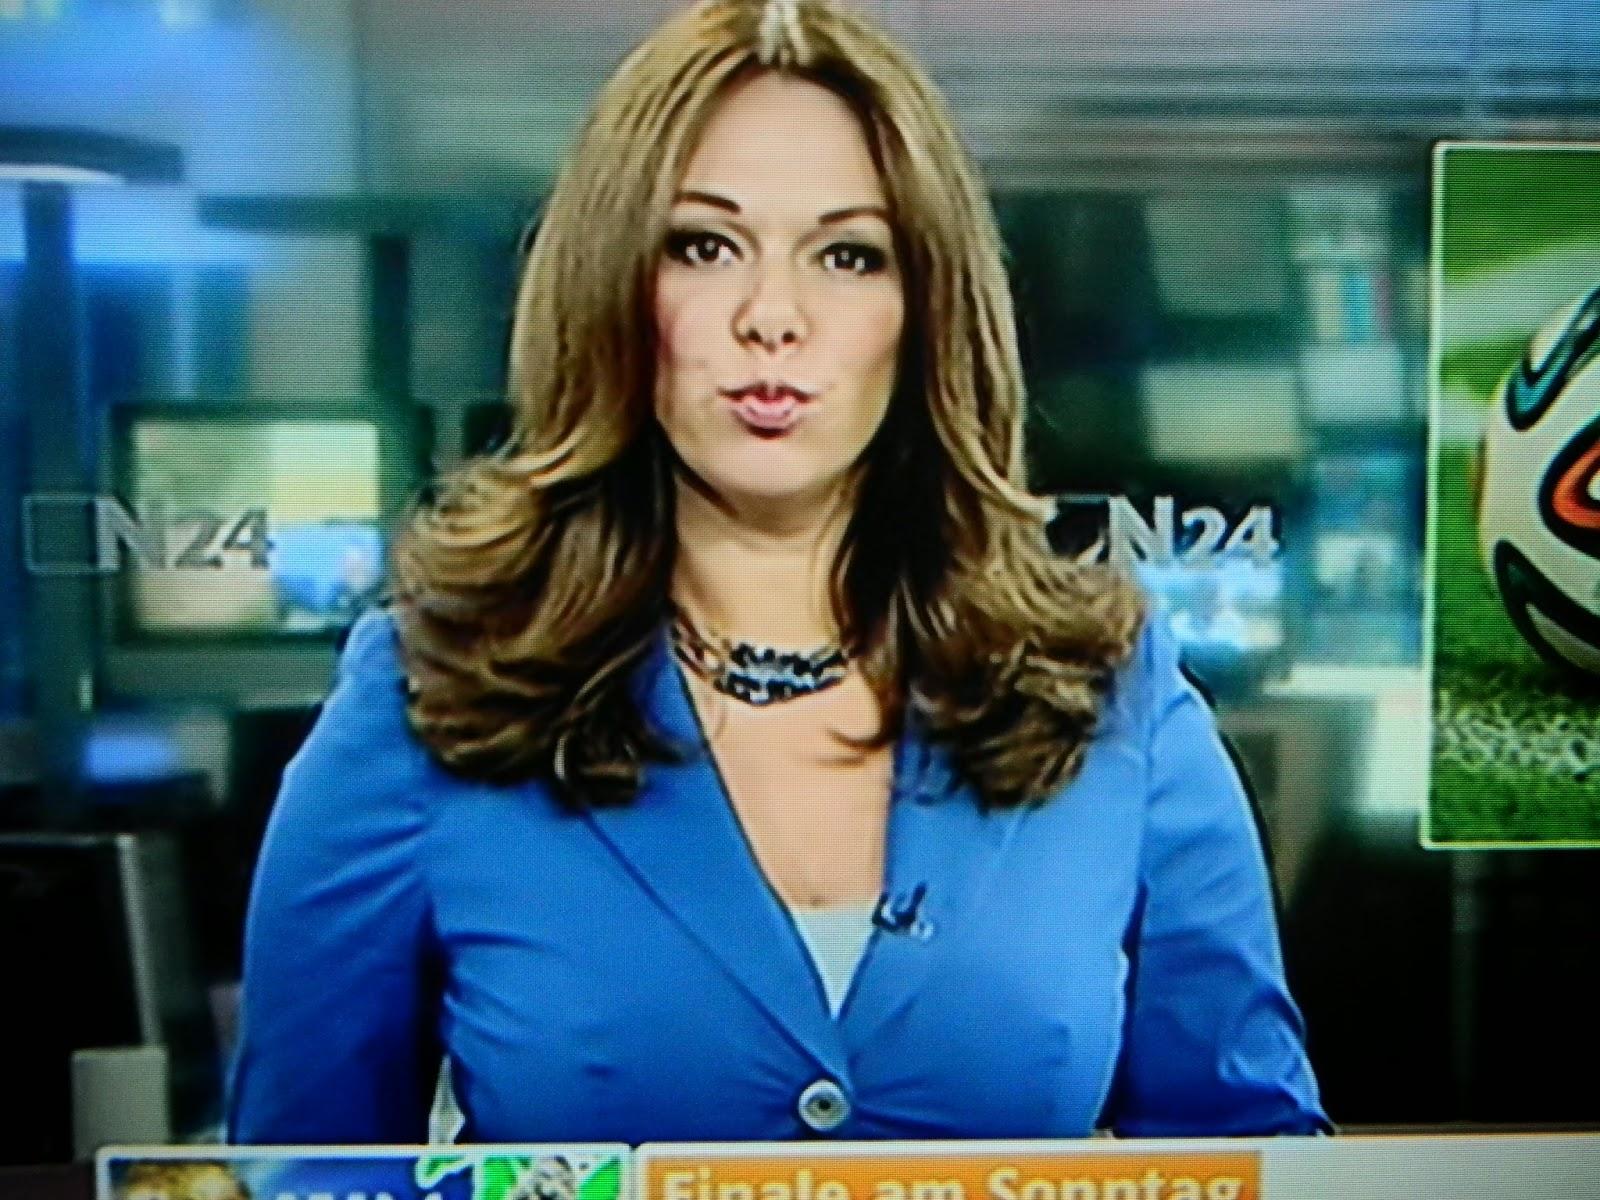 N24 Nachrichtensprecherin